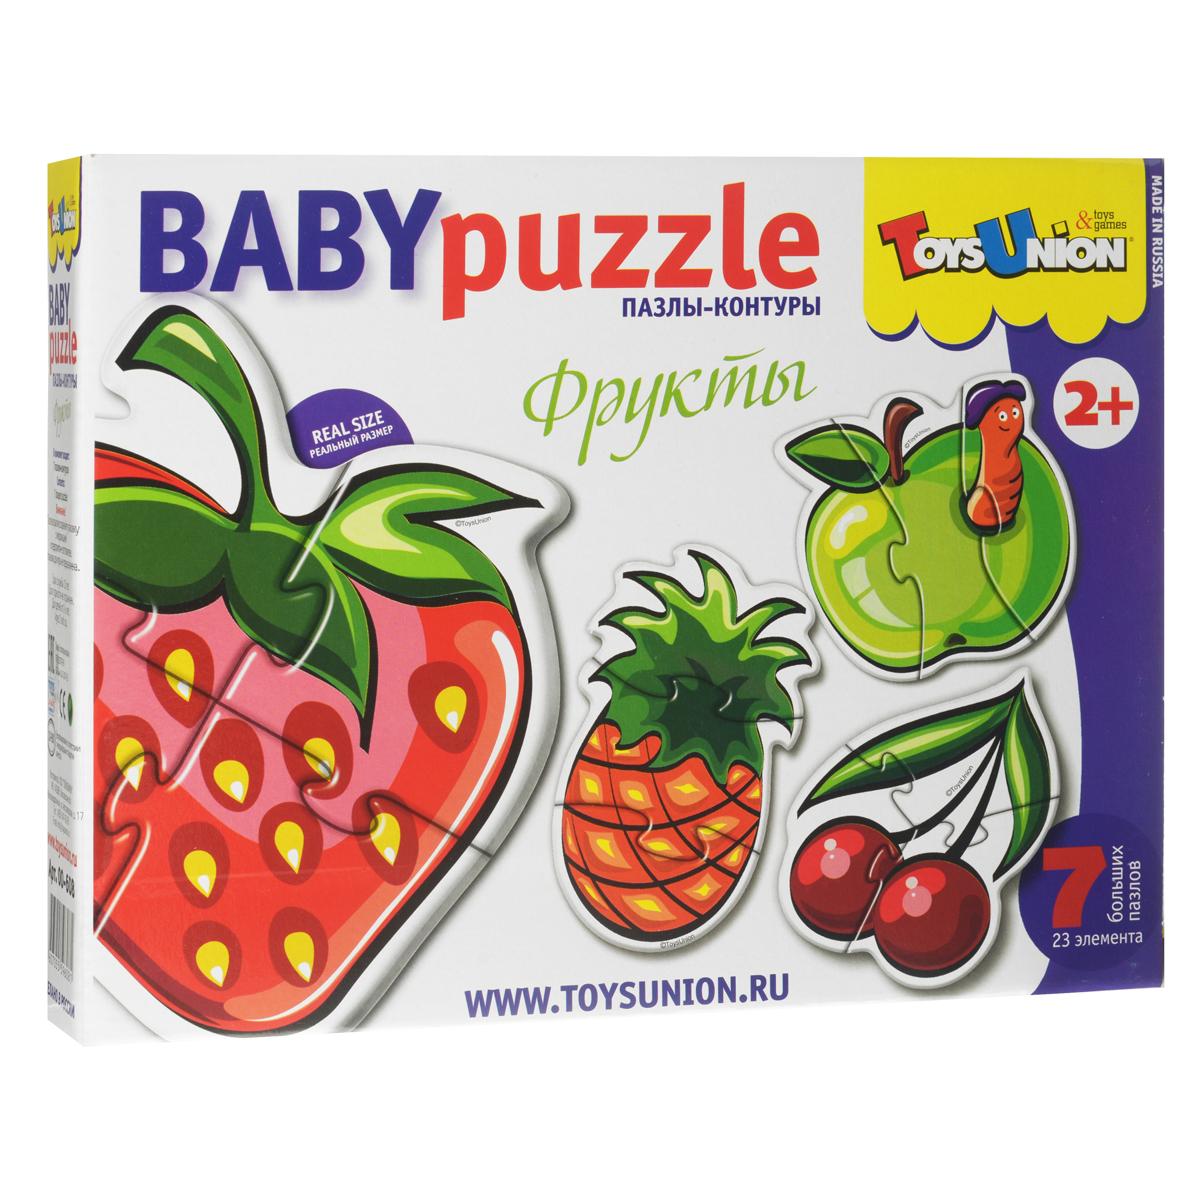 Пазл ToysUnion Фрукты, фигурный, 7 в 1тю00-608Пазлы-контуры ToysUnion Фрукты - это увлекательная игра-головоломка, помогающая развивать у ребенка воображение, пространственное восприятие, память. Пазлы предназначены специально для маленьких детей. Малышу будет удобно брать крупные элементы в руки и самостоятельно собирать картинки. В комплект входит 23 картонных элемента, из которых можно собрать 7 картинок в виде фруктов. Процесс собирания пазлов способствует развитию не только образного, но и логического мышления, произвольного внимания, восприятия. В частности, различению отдельных элементов по цвету, форме, размеру и т. д. Процесс собирания пазлов учит правильно воспринимать связь между частью и целым. Веселые и добрые картинки, крупные детали, выполненные из высококачественного и экологически чистого материала, доставят вашему ребенку радость и помогут познать окружающий мир.